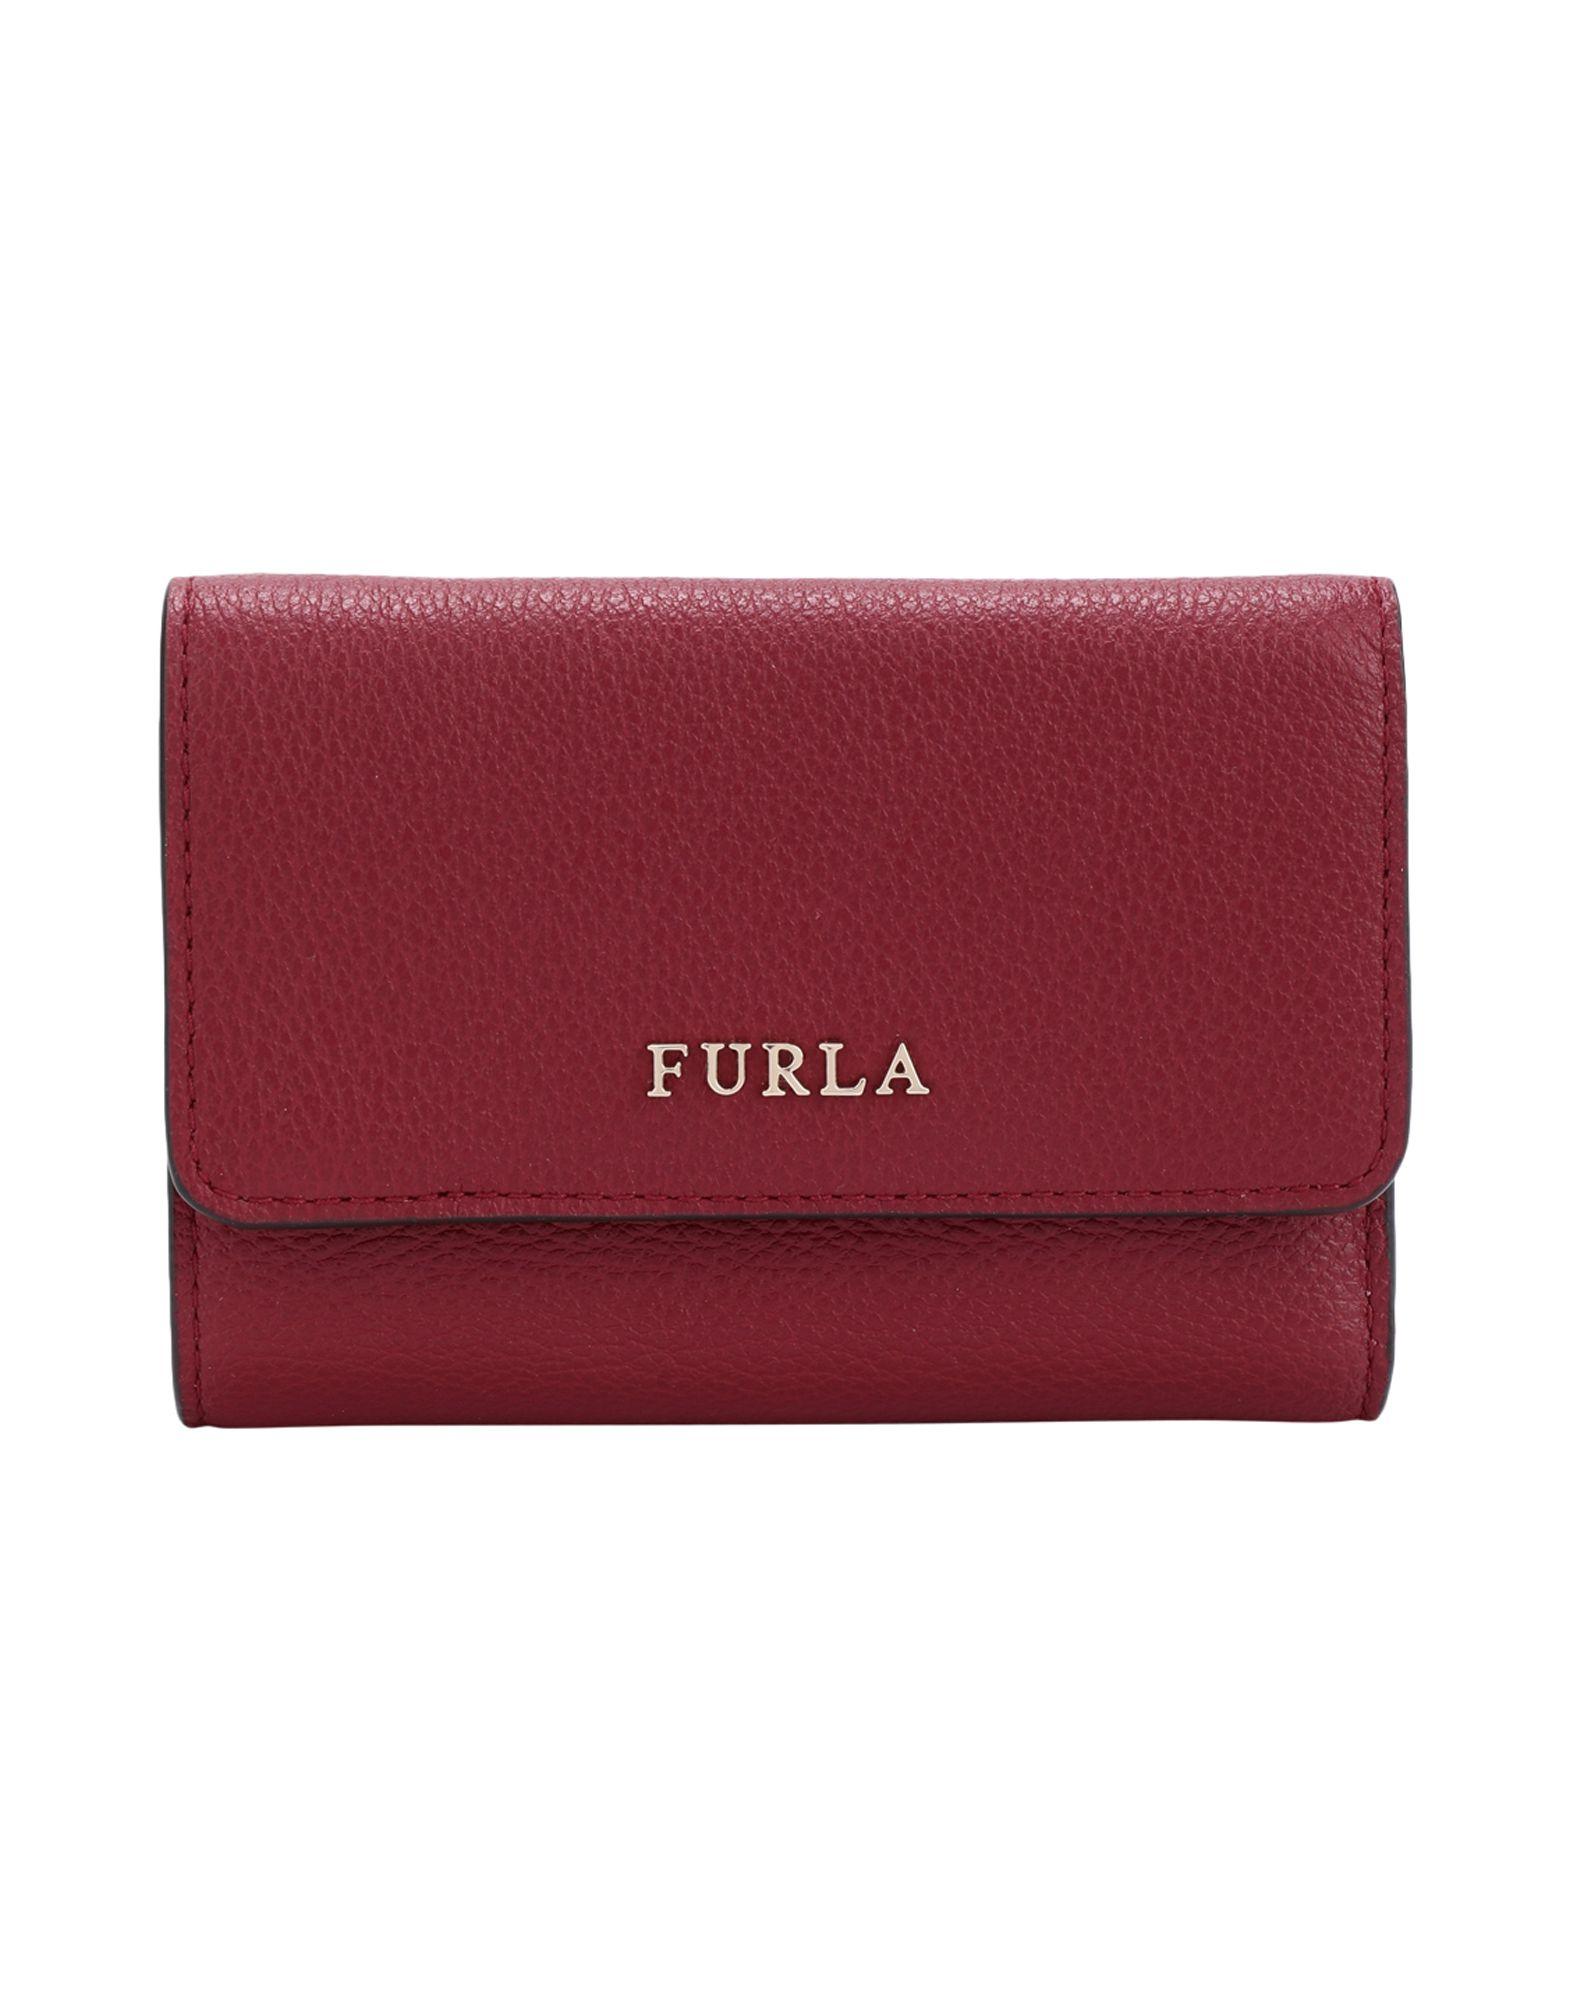 5b69a37e00fc フルラ(FURLA) レディース長財布 | 通販・人気ランキング - 価格.com